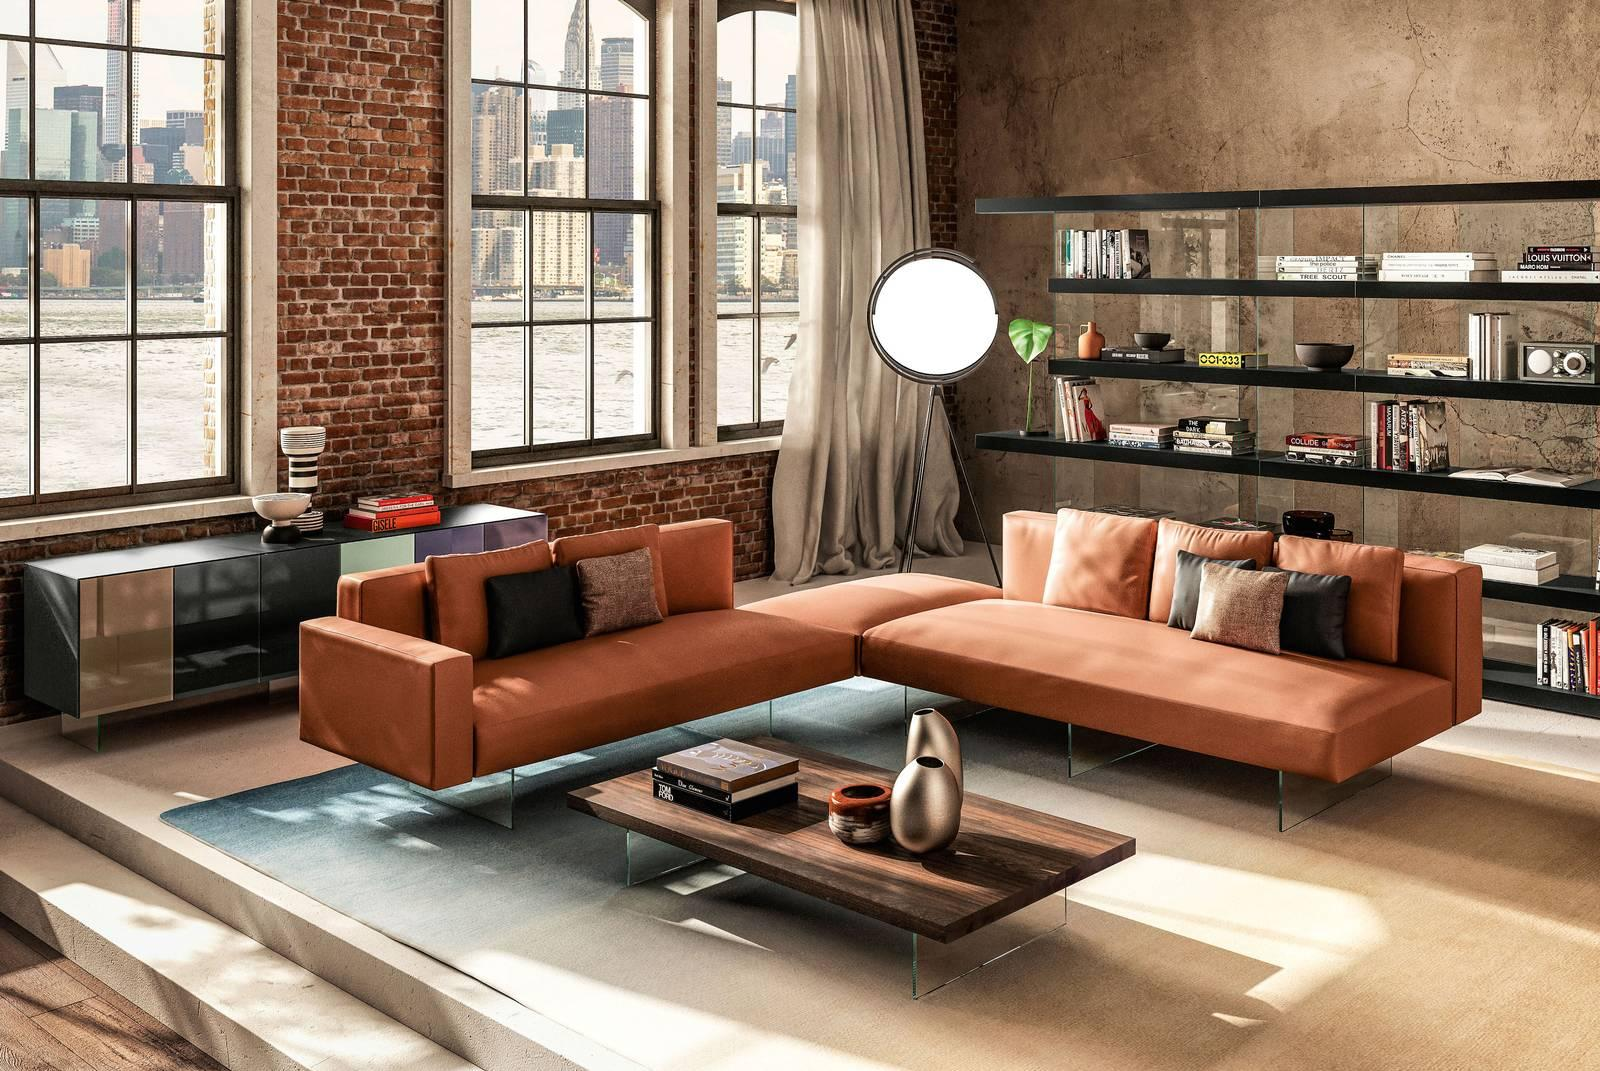 Arredare Mensole Soggiorno arredare il soggiorno: 5 soluzioni di stile diverso - cose